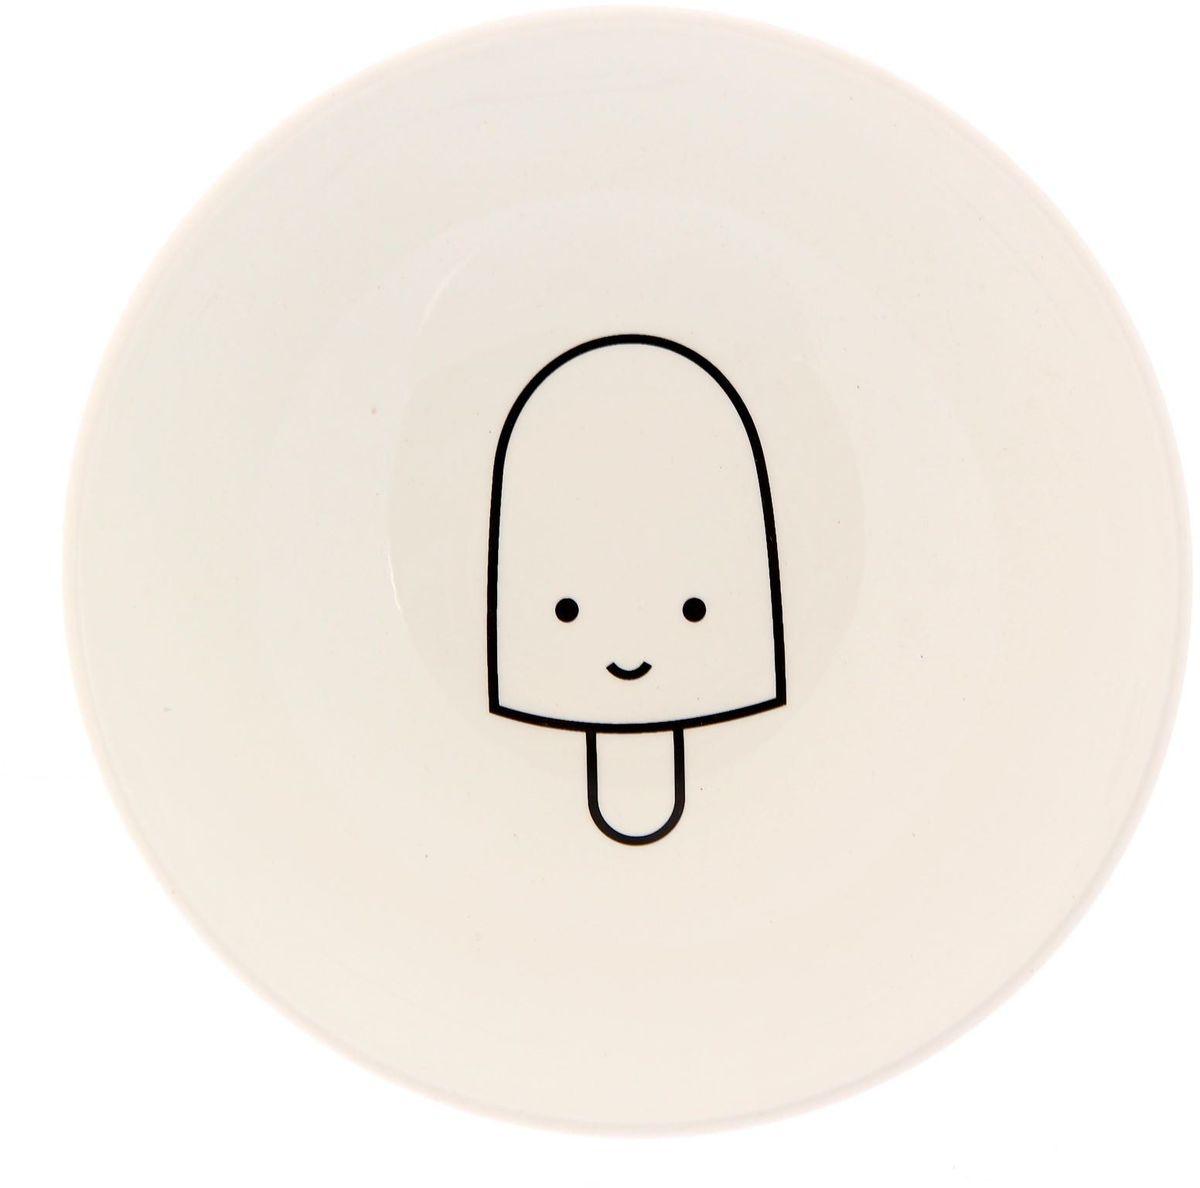 Салатник Сотвори чудо My Little Ice Cream, диаметр 16,5 см2277845Изящный салатник Сотвори чудо изготовлен из фаянса. На дне салатника расположилась забавная картинка, нарисованная стойкой краской. Хотите обновить интерьер кухни или гостиной? Устраиваете необычную фотосессию или тематический праздник? А может, просто ищете подарок для близкого человека?Можно использовать в посудомоечных машинах.Диаметр по верхнему краю: 16,5 см.